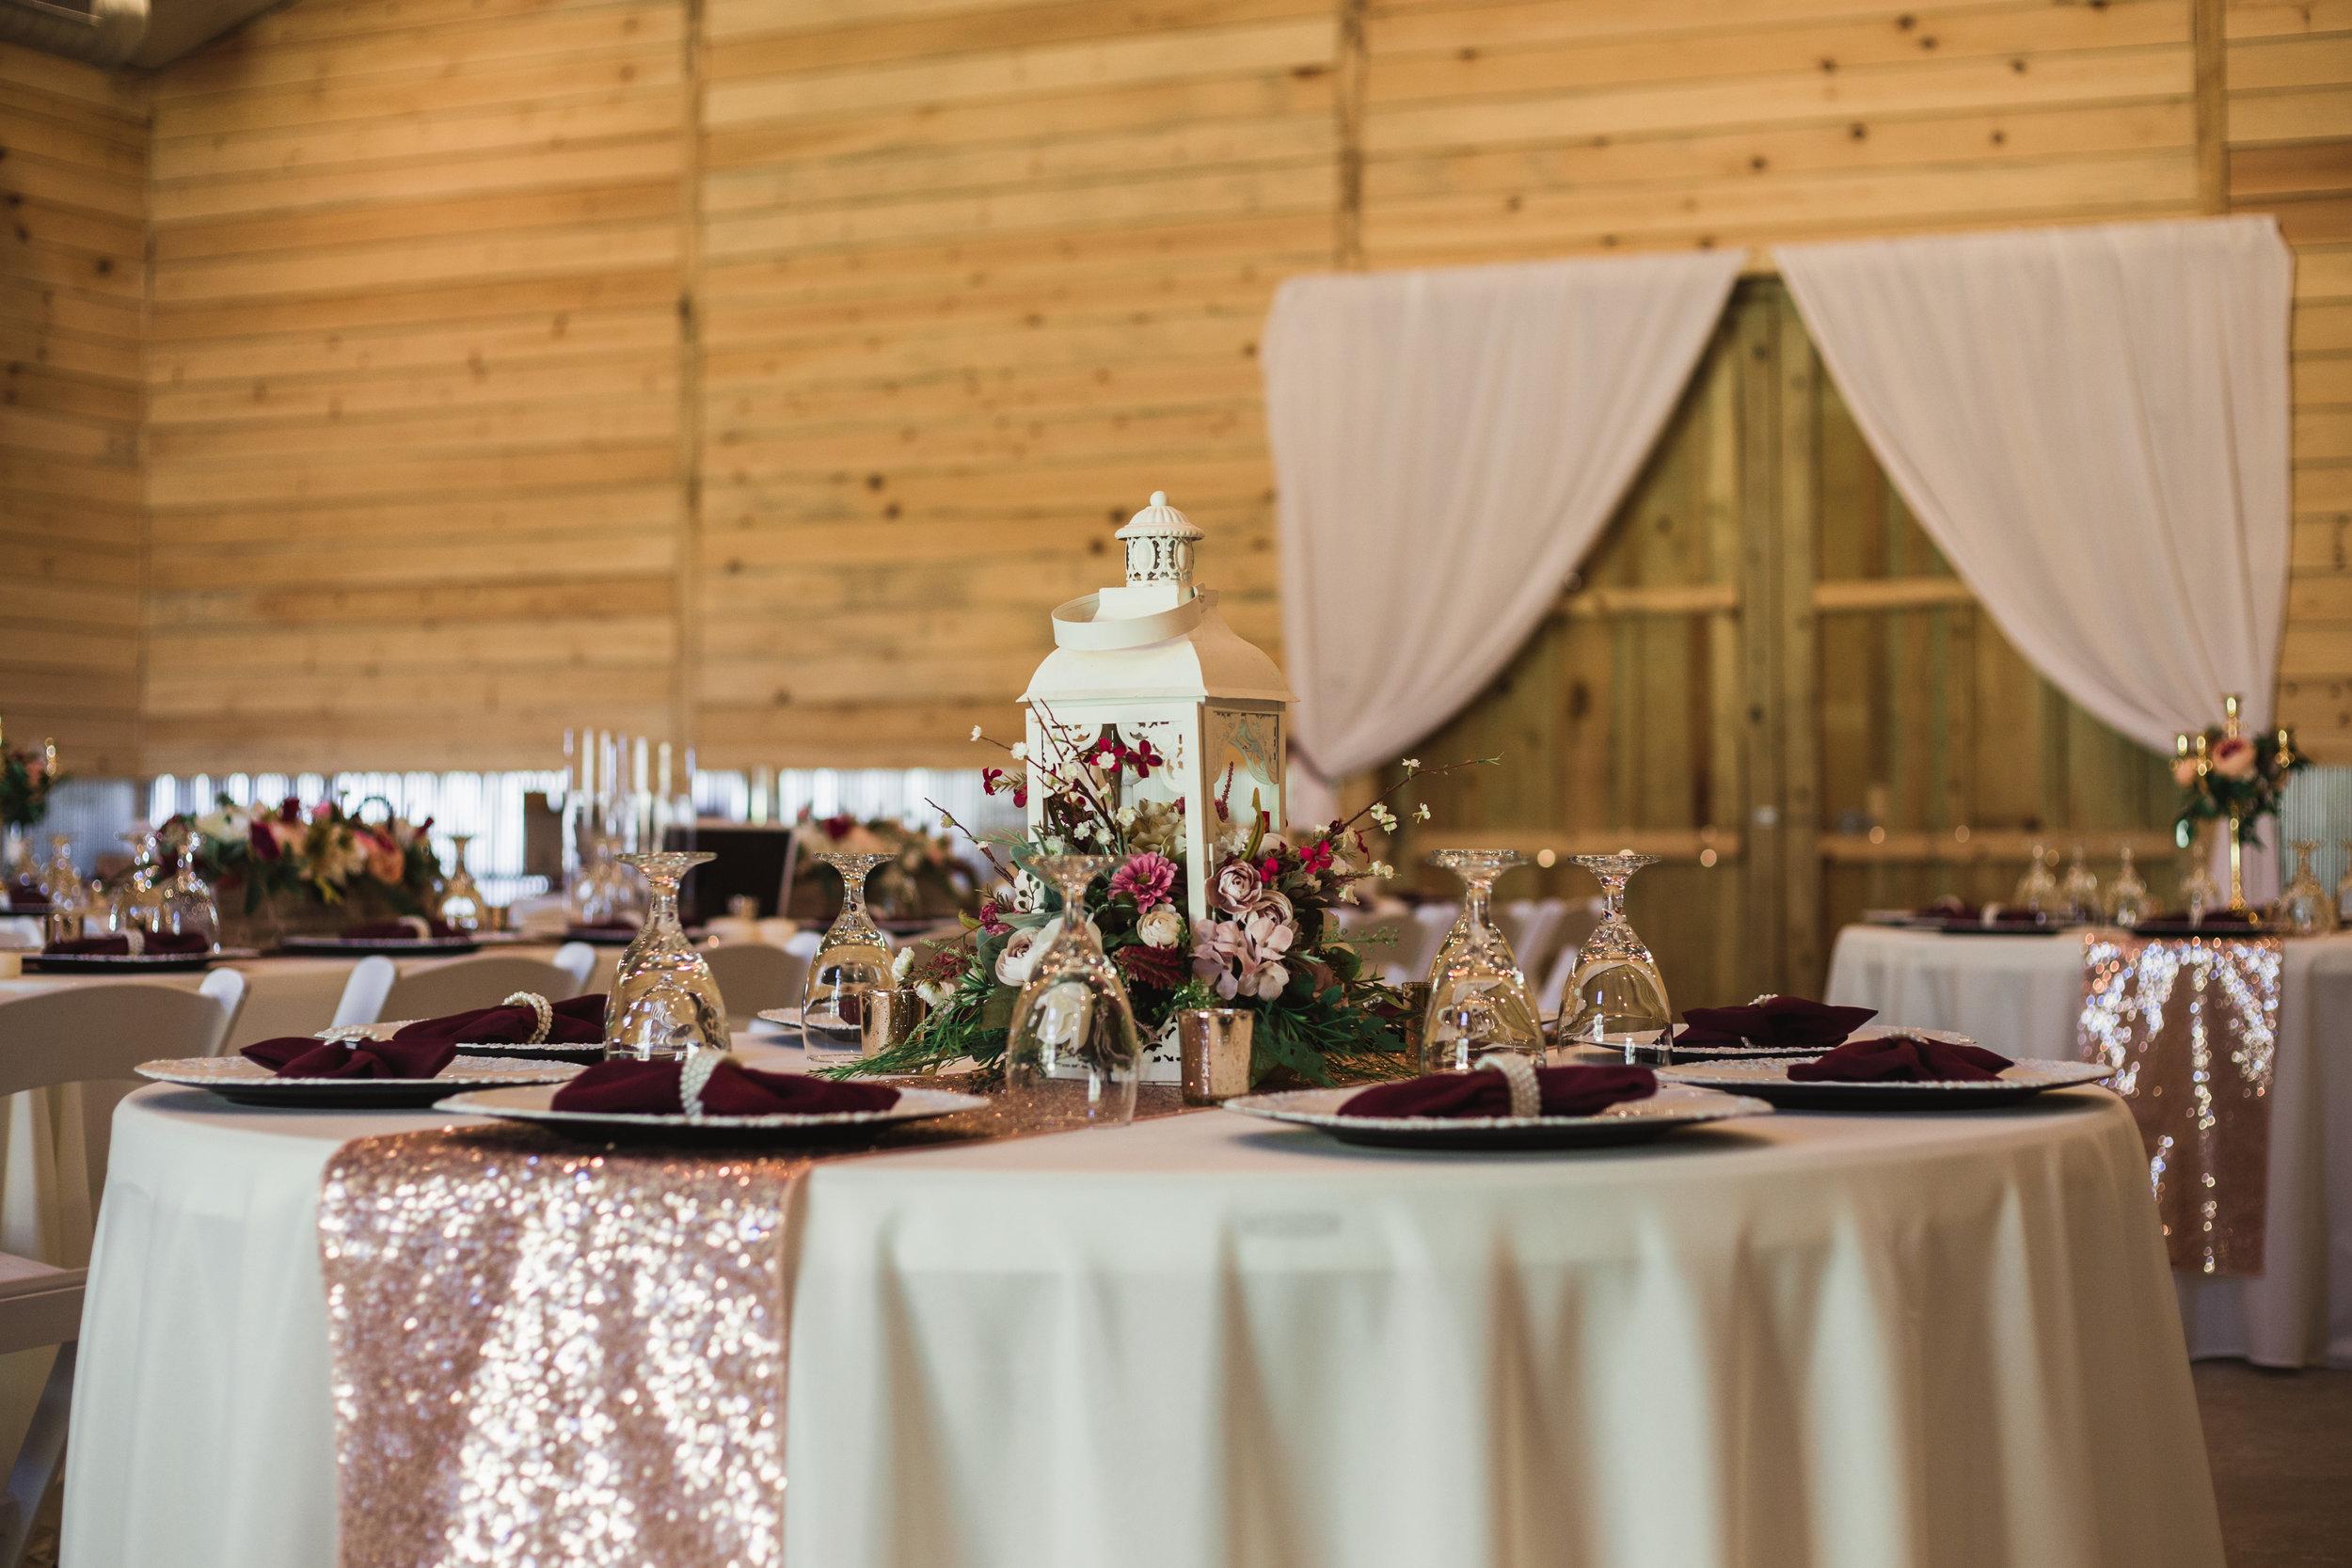 Barn-Wedding-Ates-Ranch-Wedding-Photo-Photography-Video-Videography-Pensacola-Florida-Courtney-Clint-1.jpg